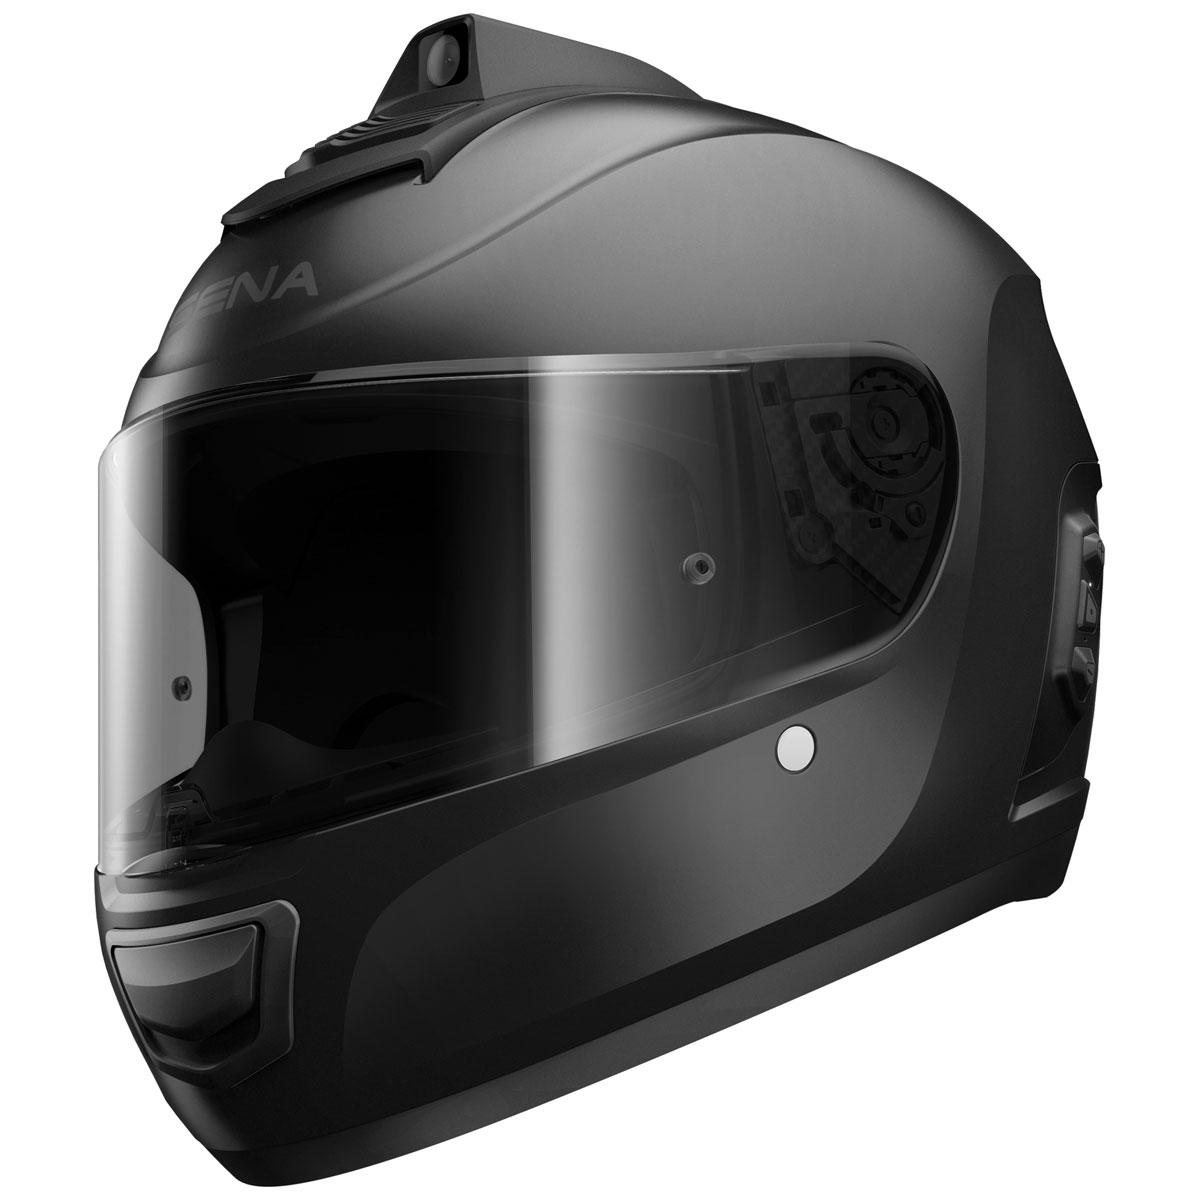 Sena Technologies Momentum Pro Matte Black Full Face Helmet